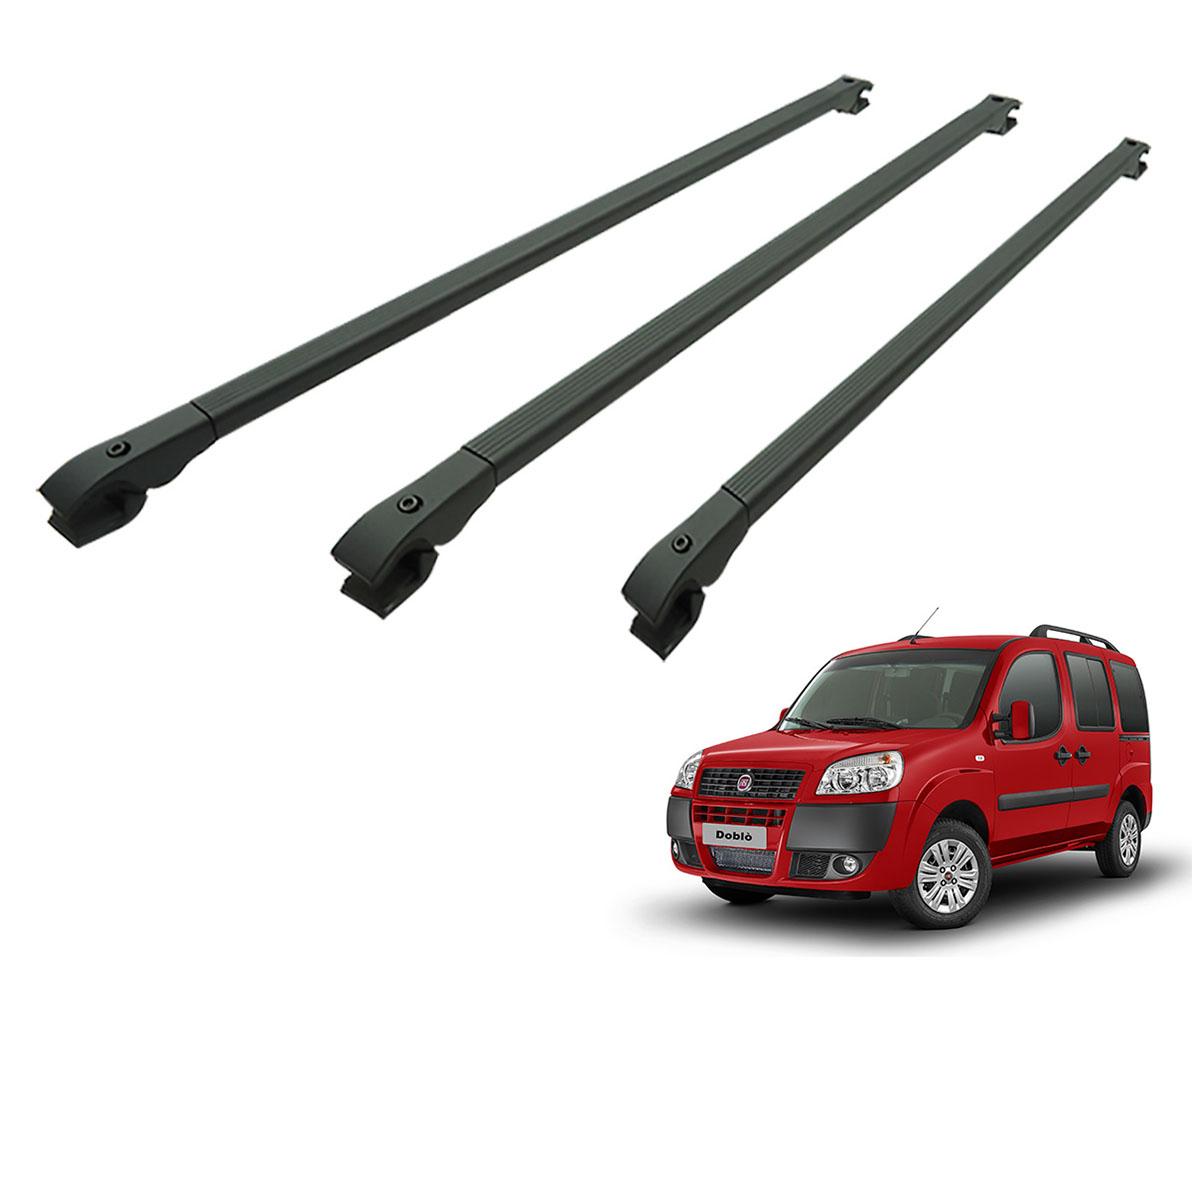 Travessa rack de teto alumínio preta Doblo 2002 a 2017 kit 3 peças